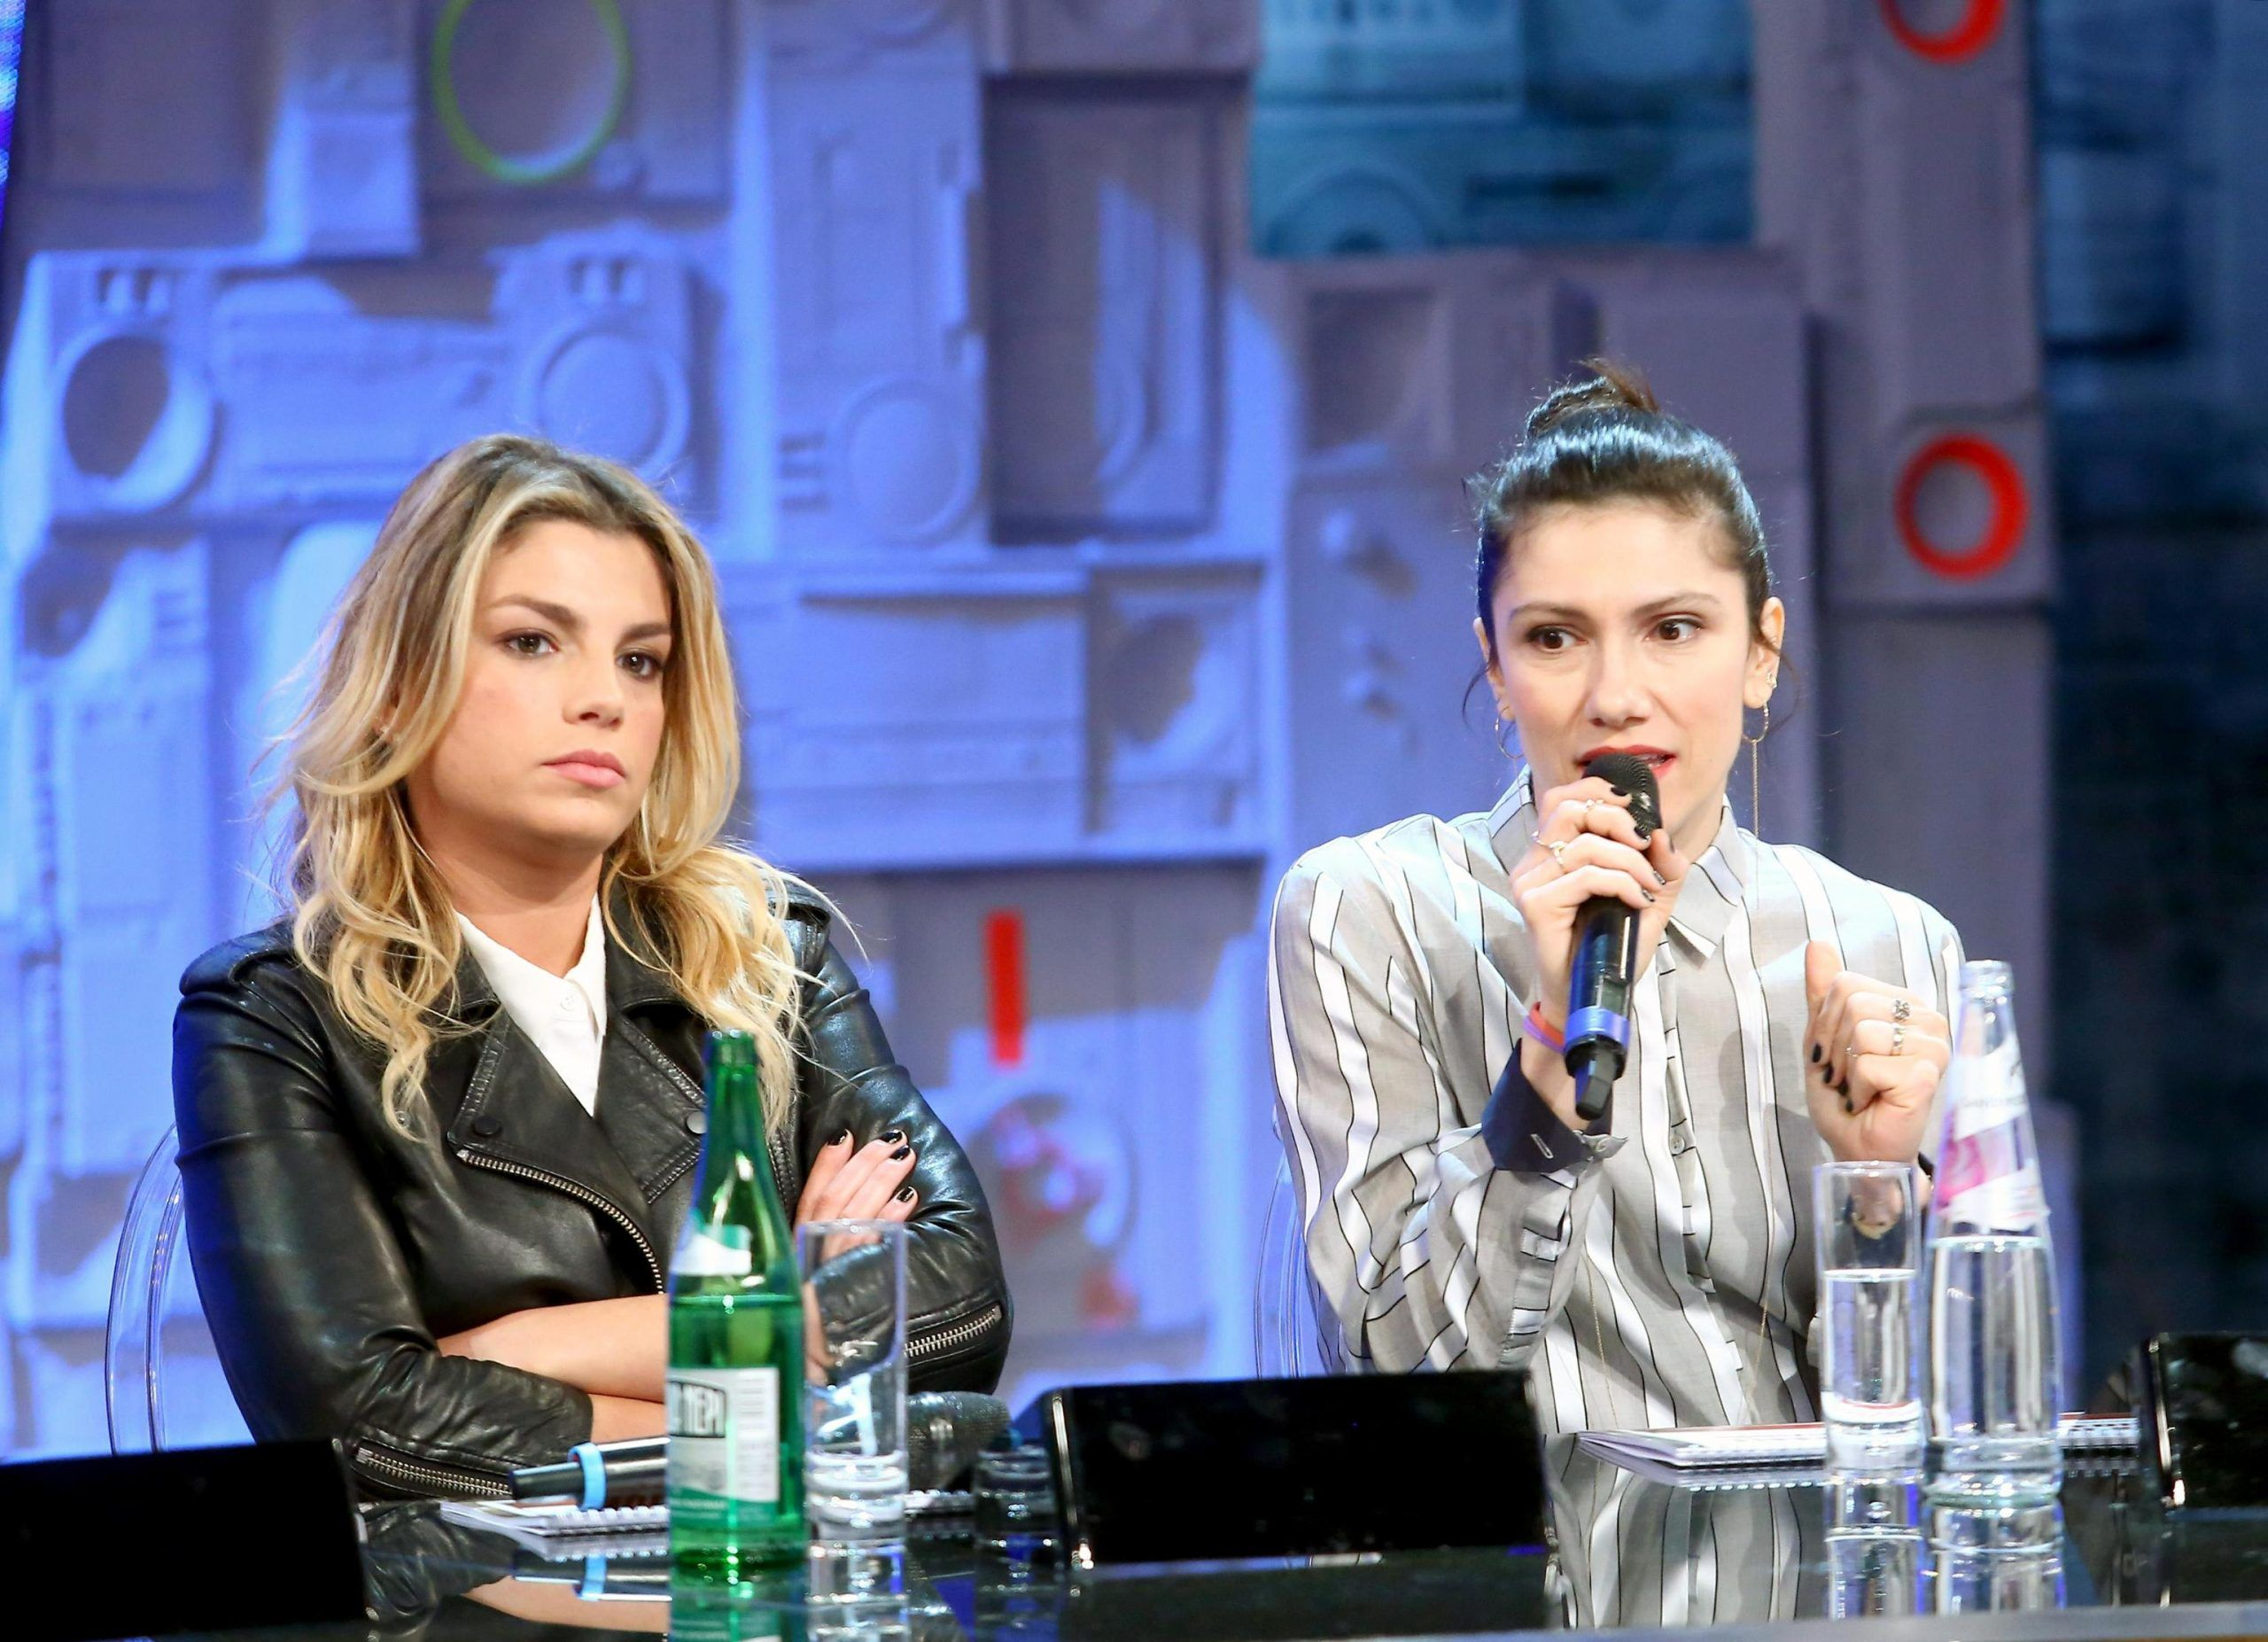 Emma ed Elisa hanno litigato? Amicizia finita per 'incomprensioni professionali'